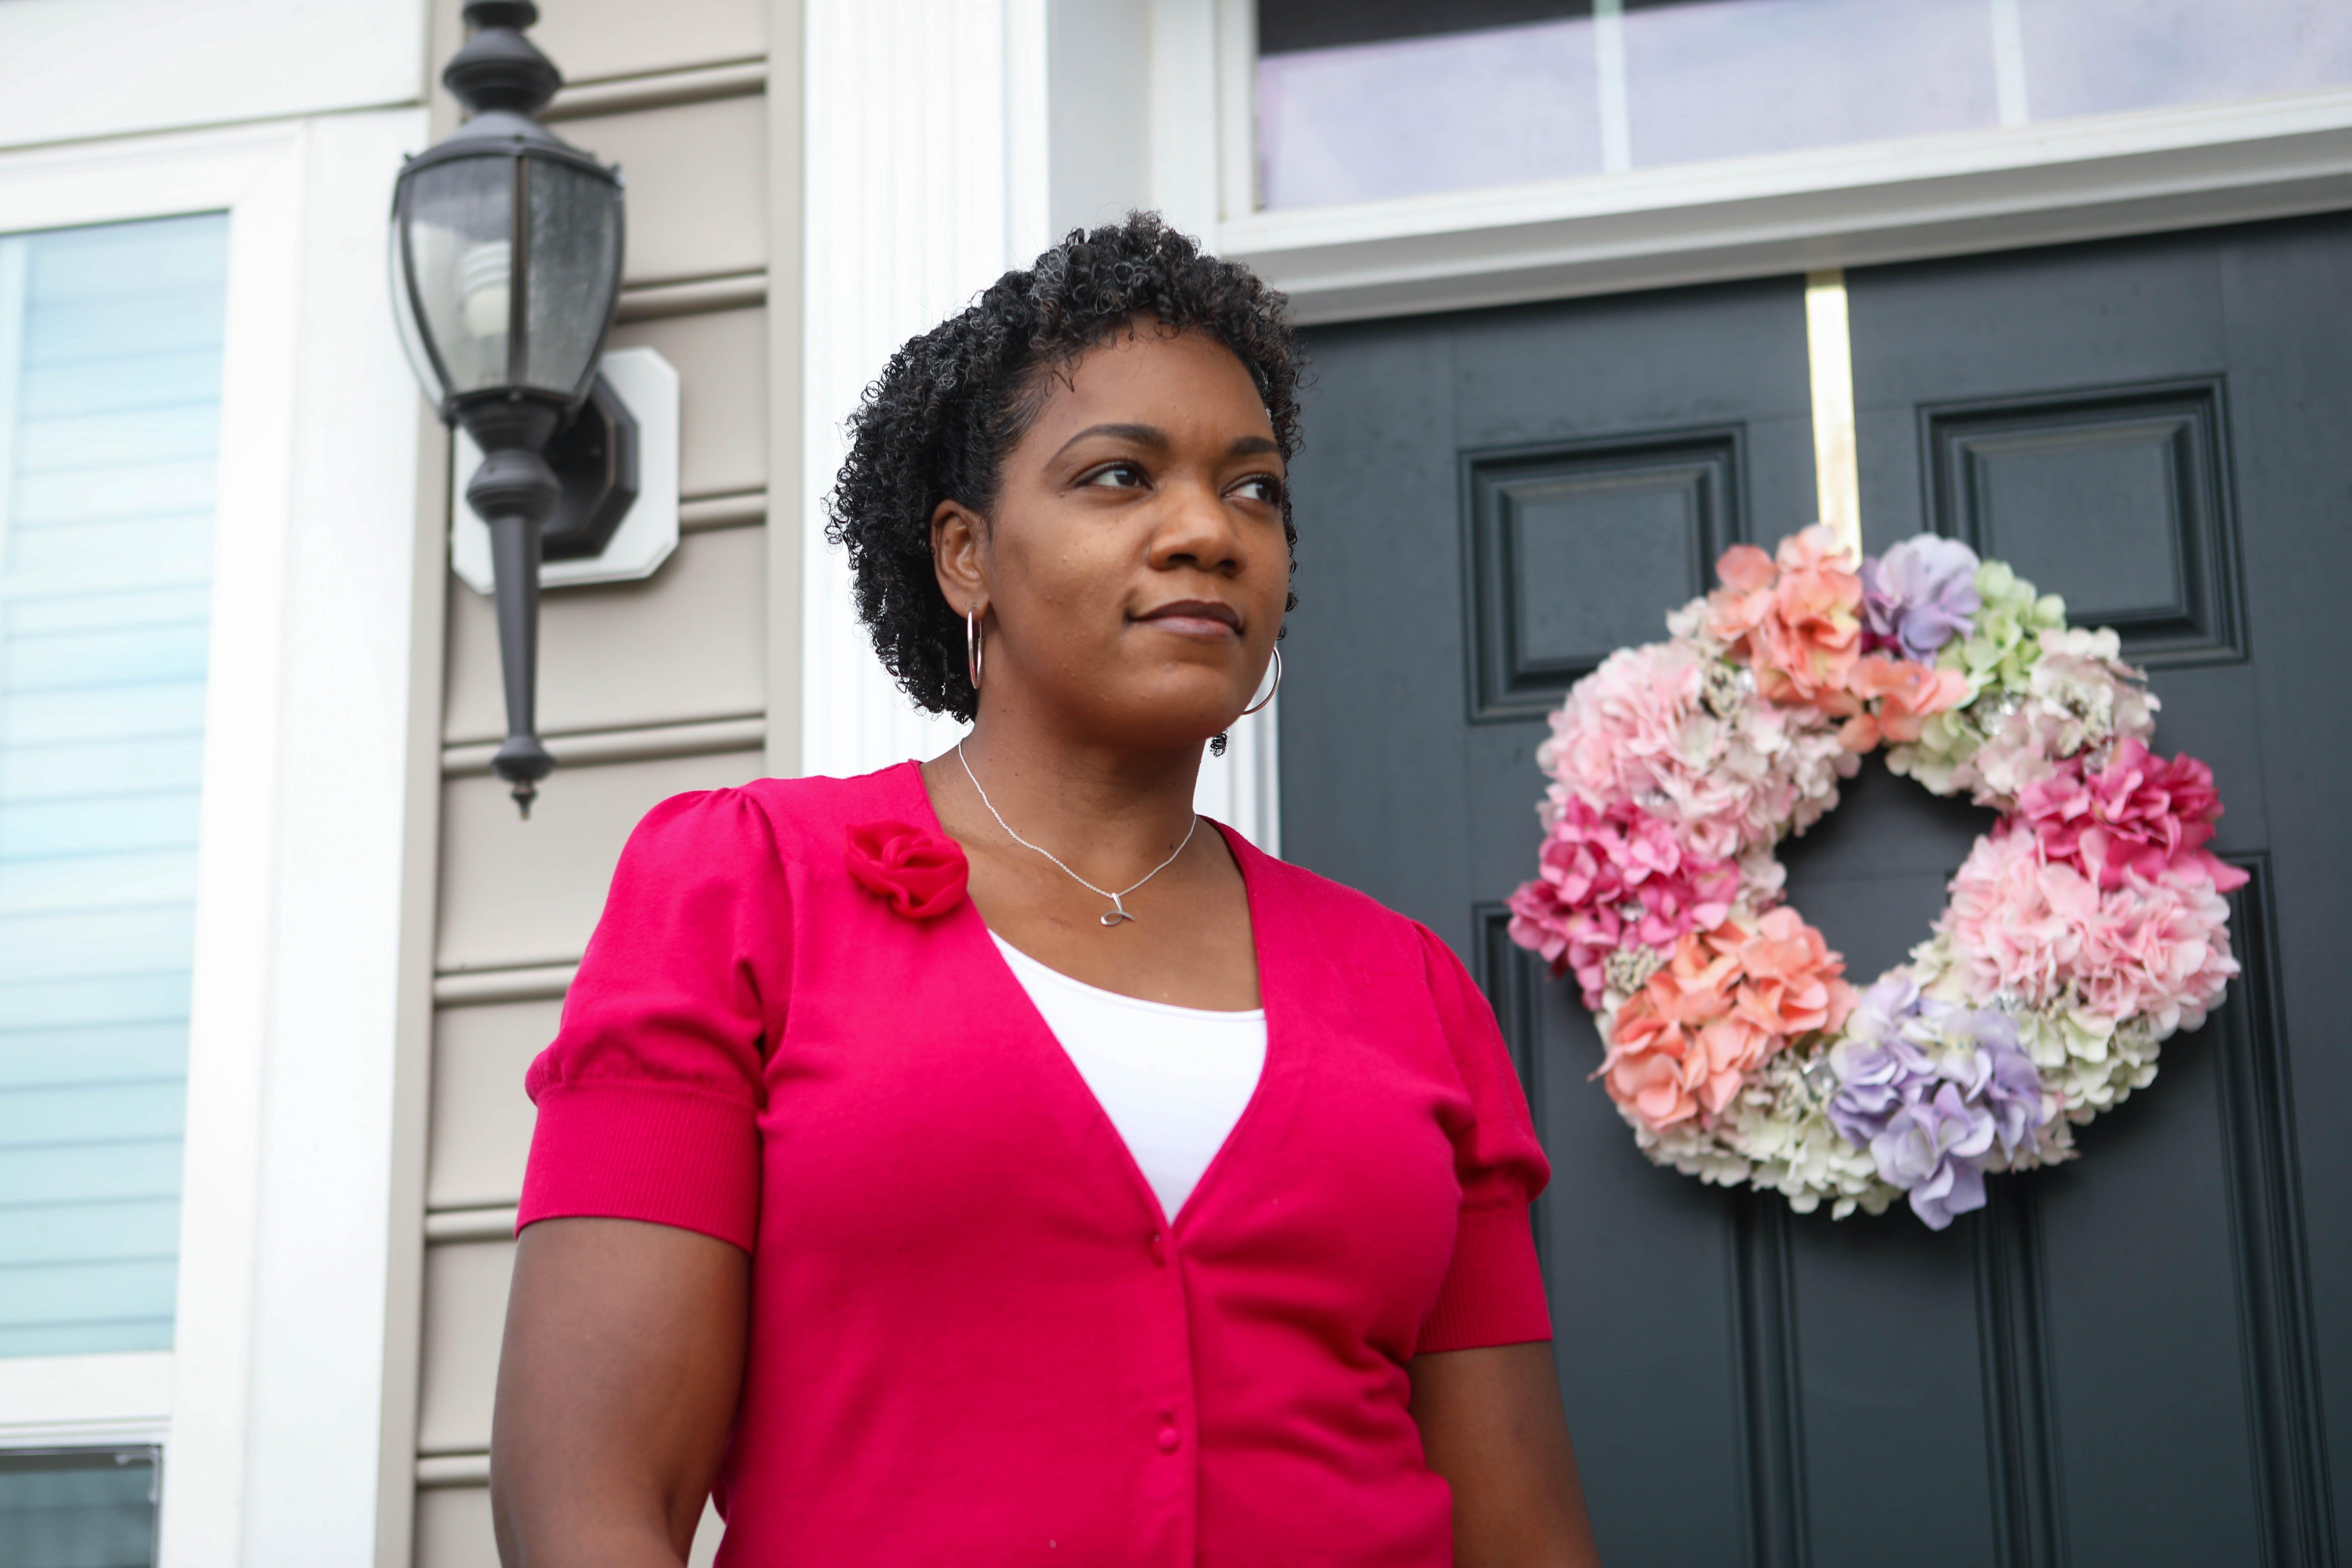 Janelle McIntyre, 42, program manager